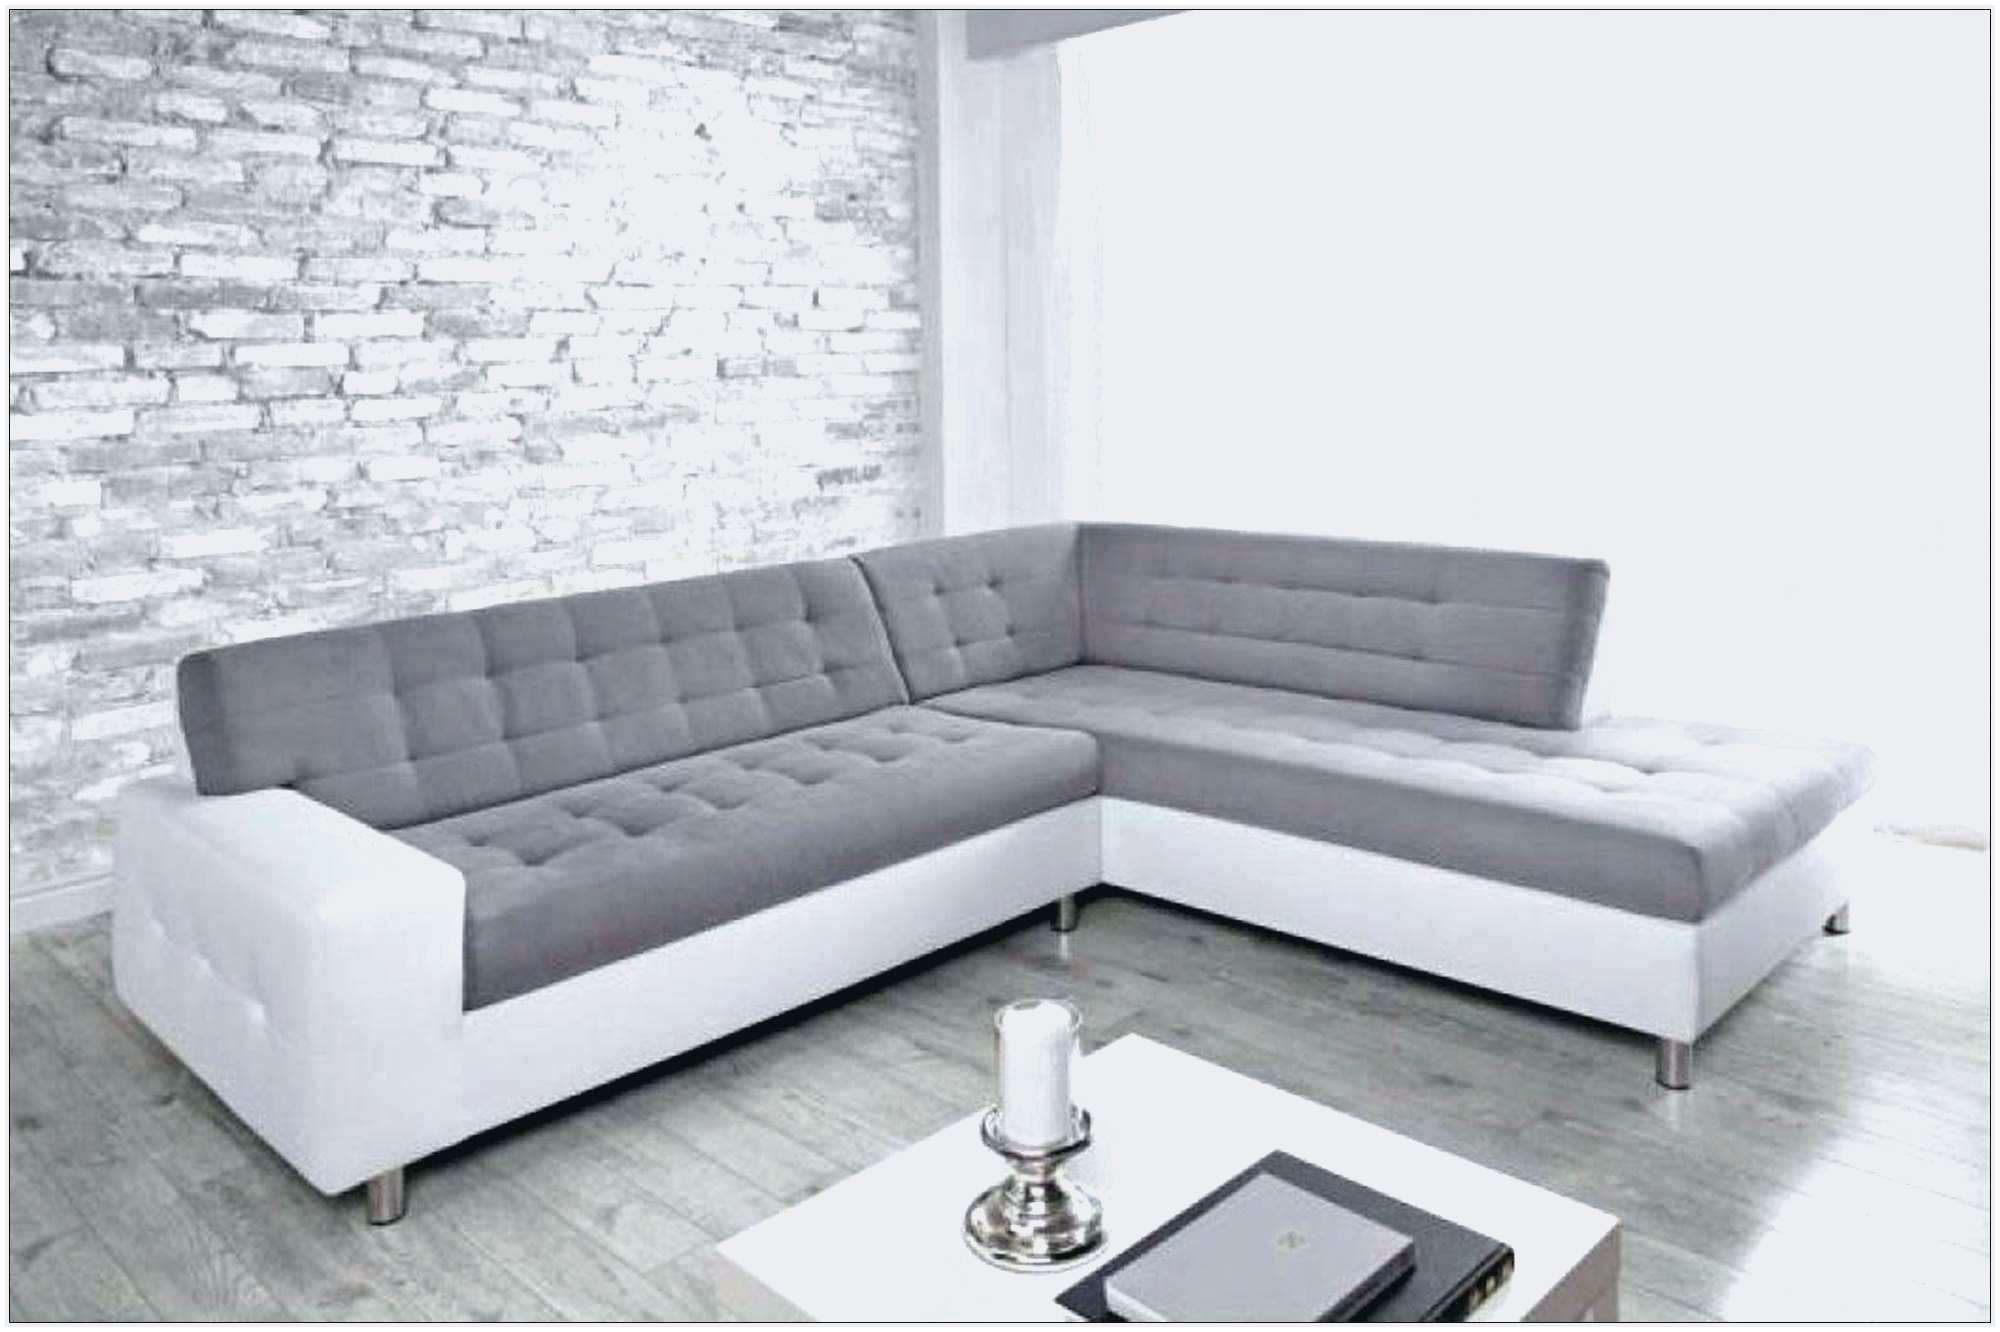 Lit Superposé Angle Frais Inspiré Ikea Canapé D Angle Convertible Beau Image Lit 2 Places 25